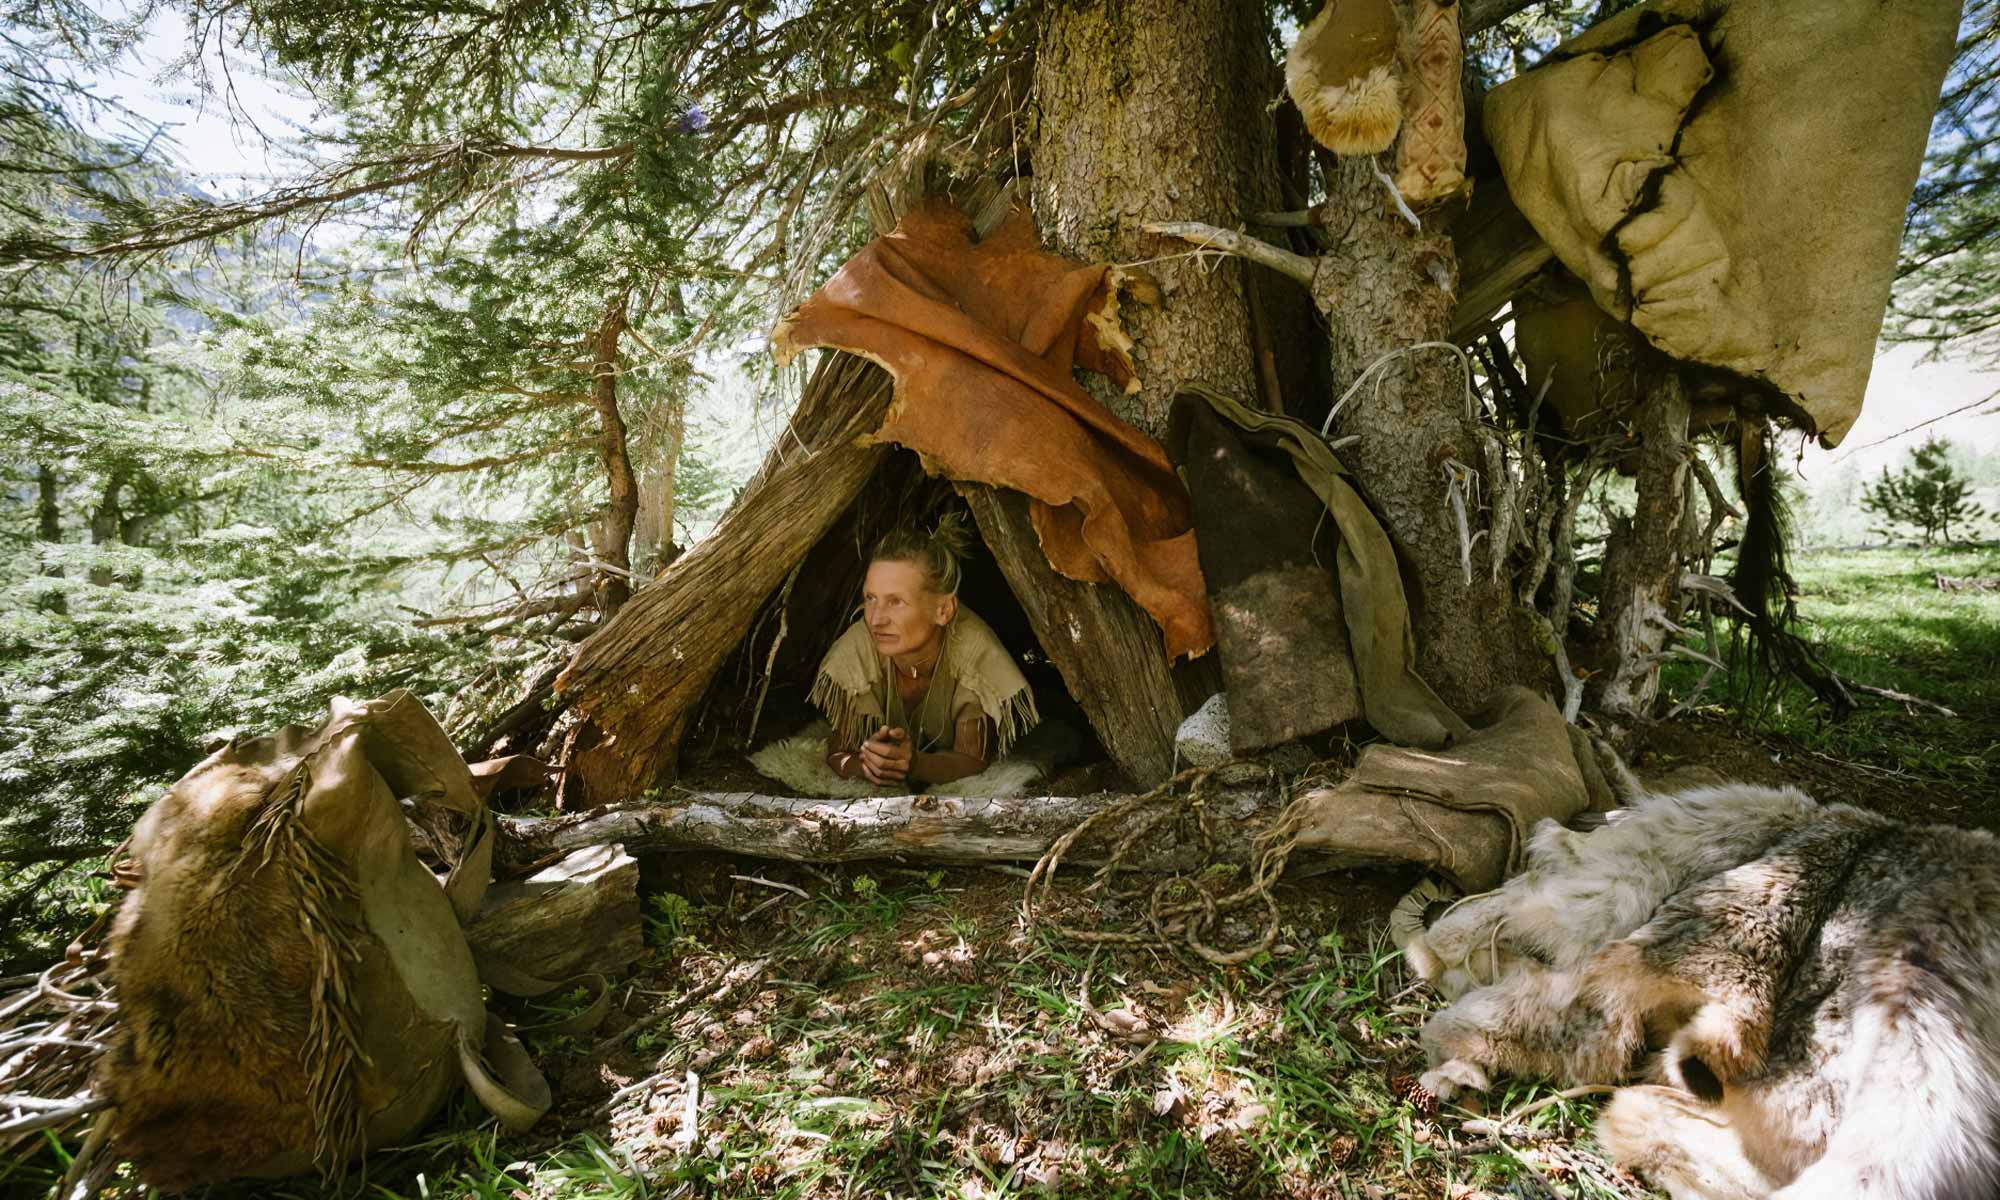 Lynx Vilden, la femme qui vit 200 000 ans dans le passé